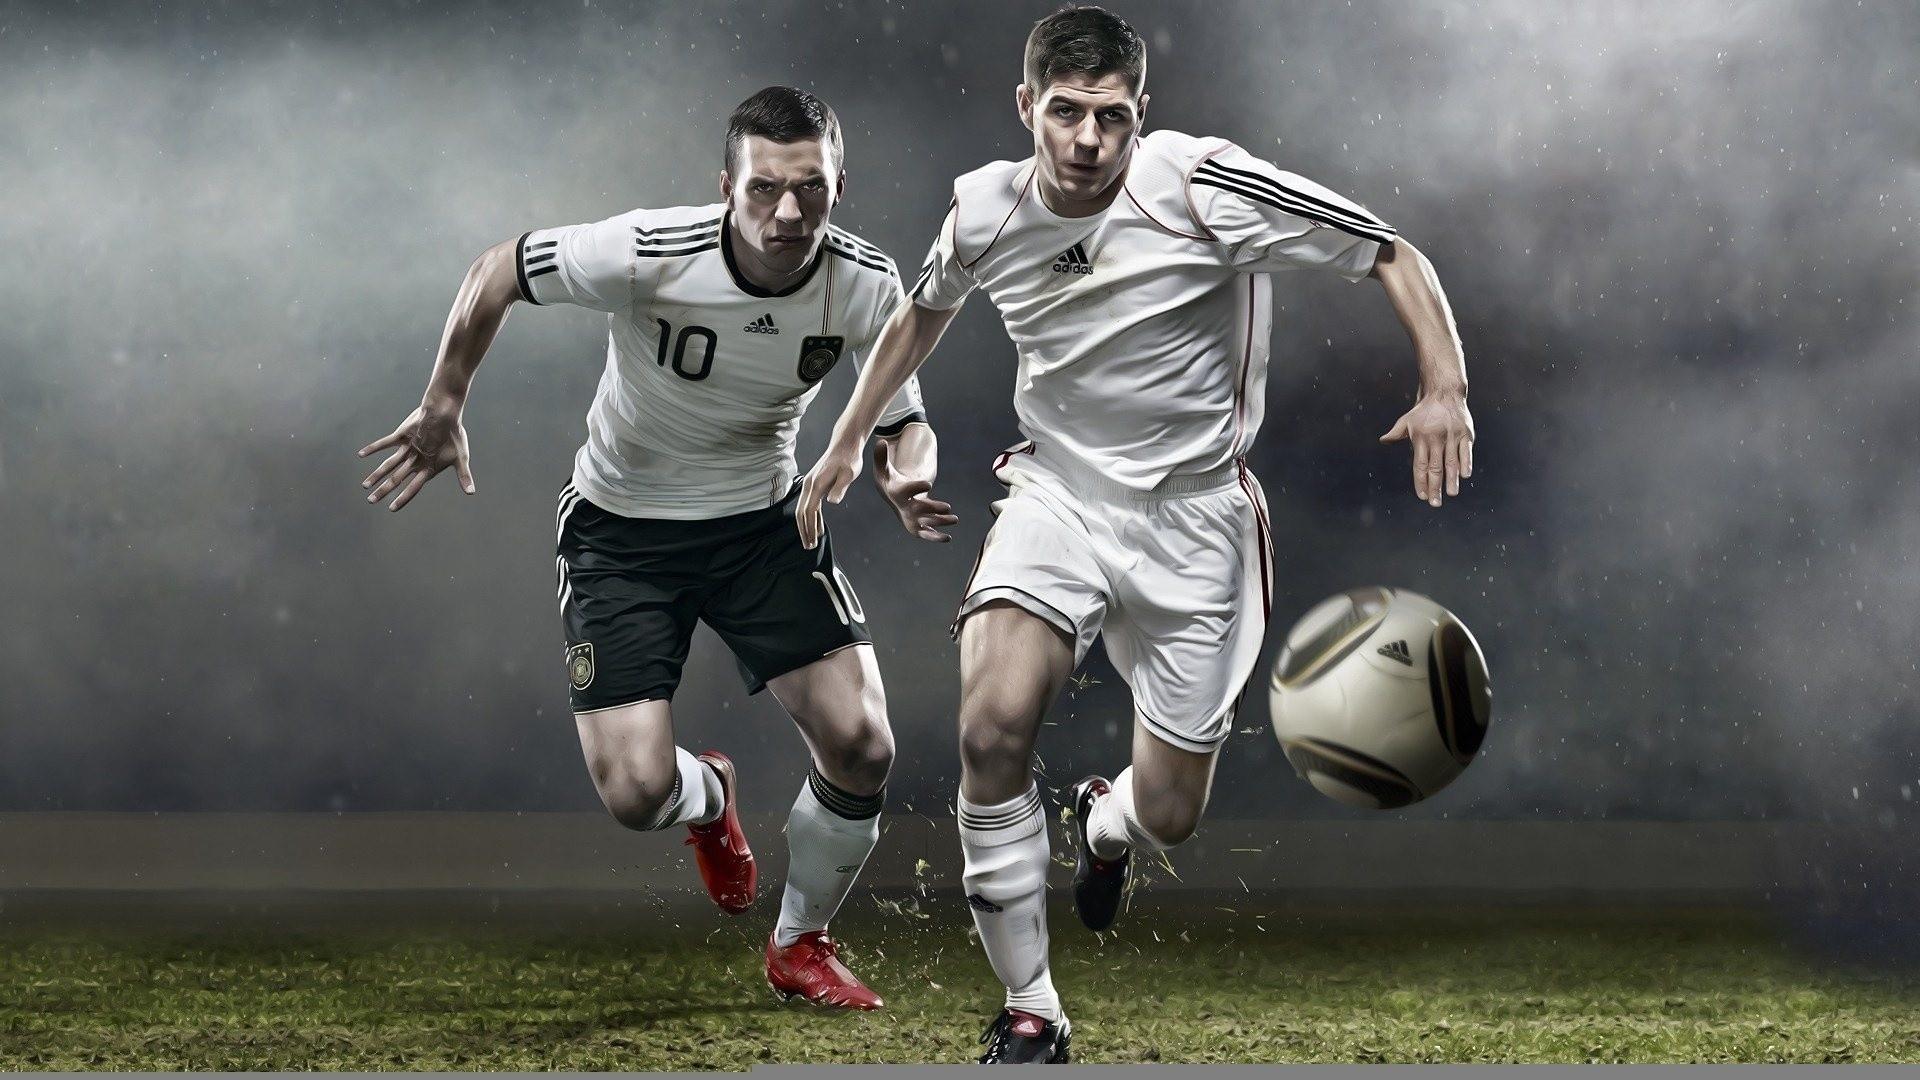 Мини, фото открытка футболиста